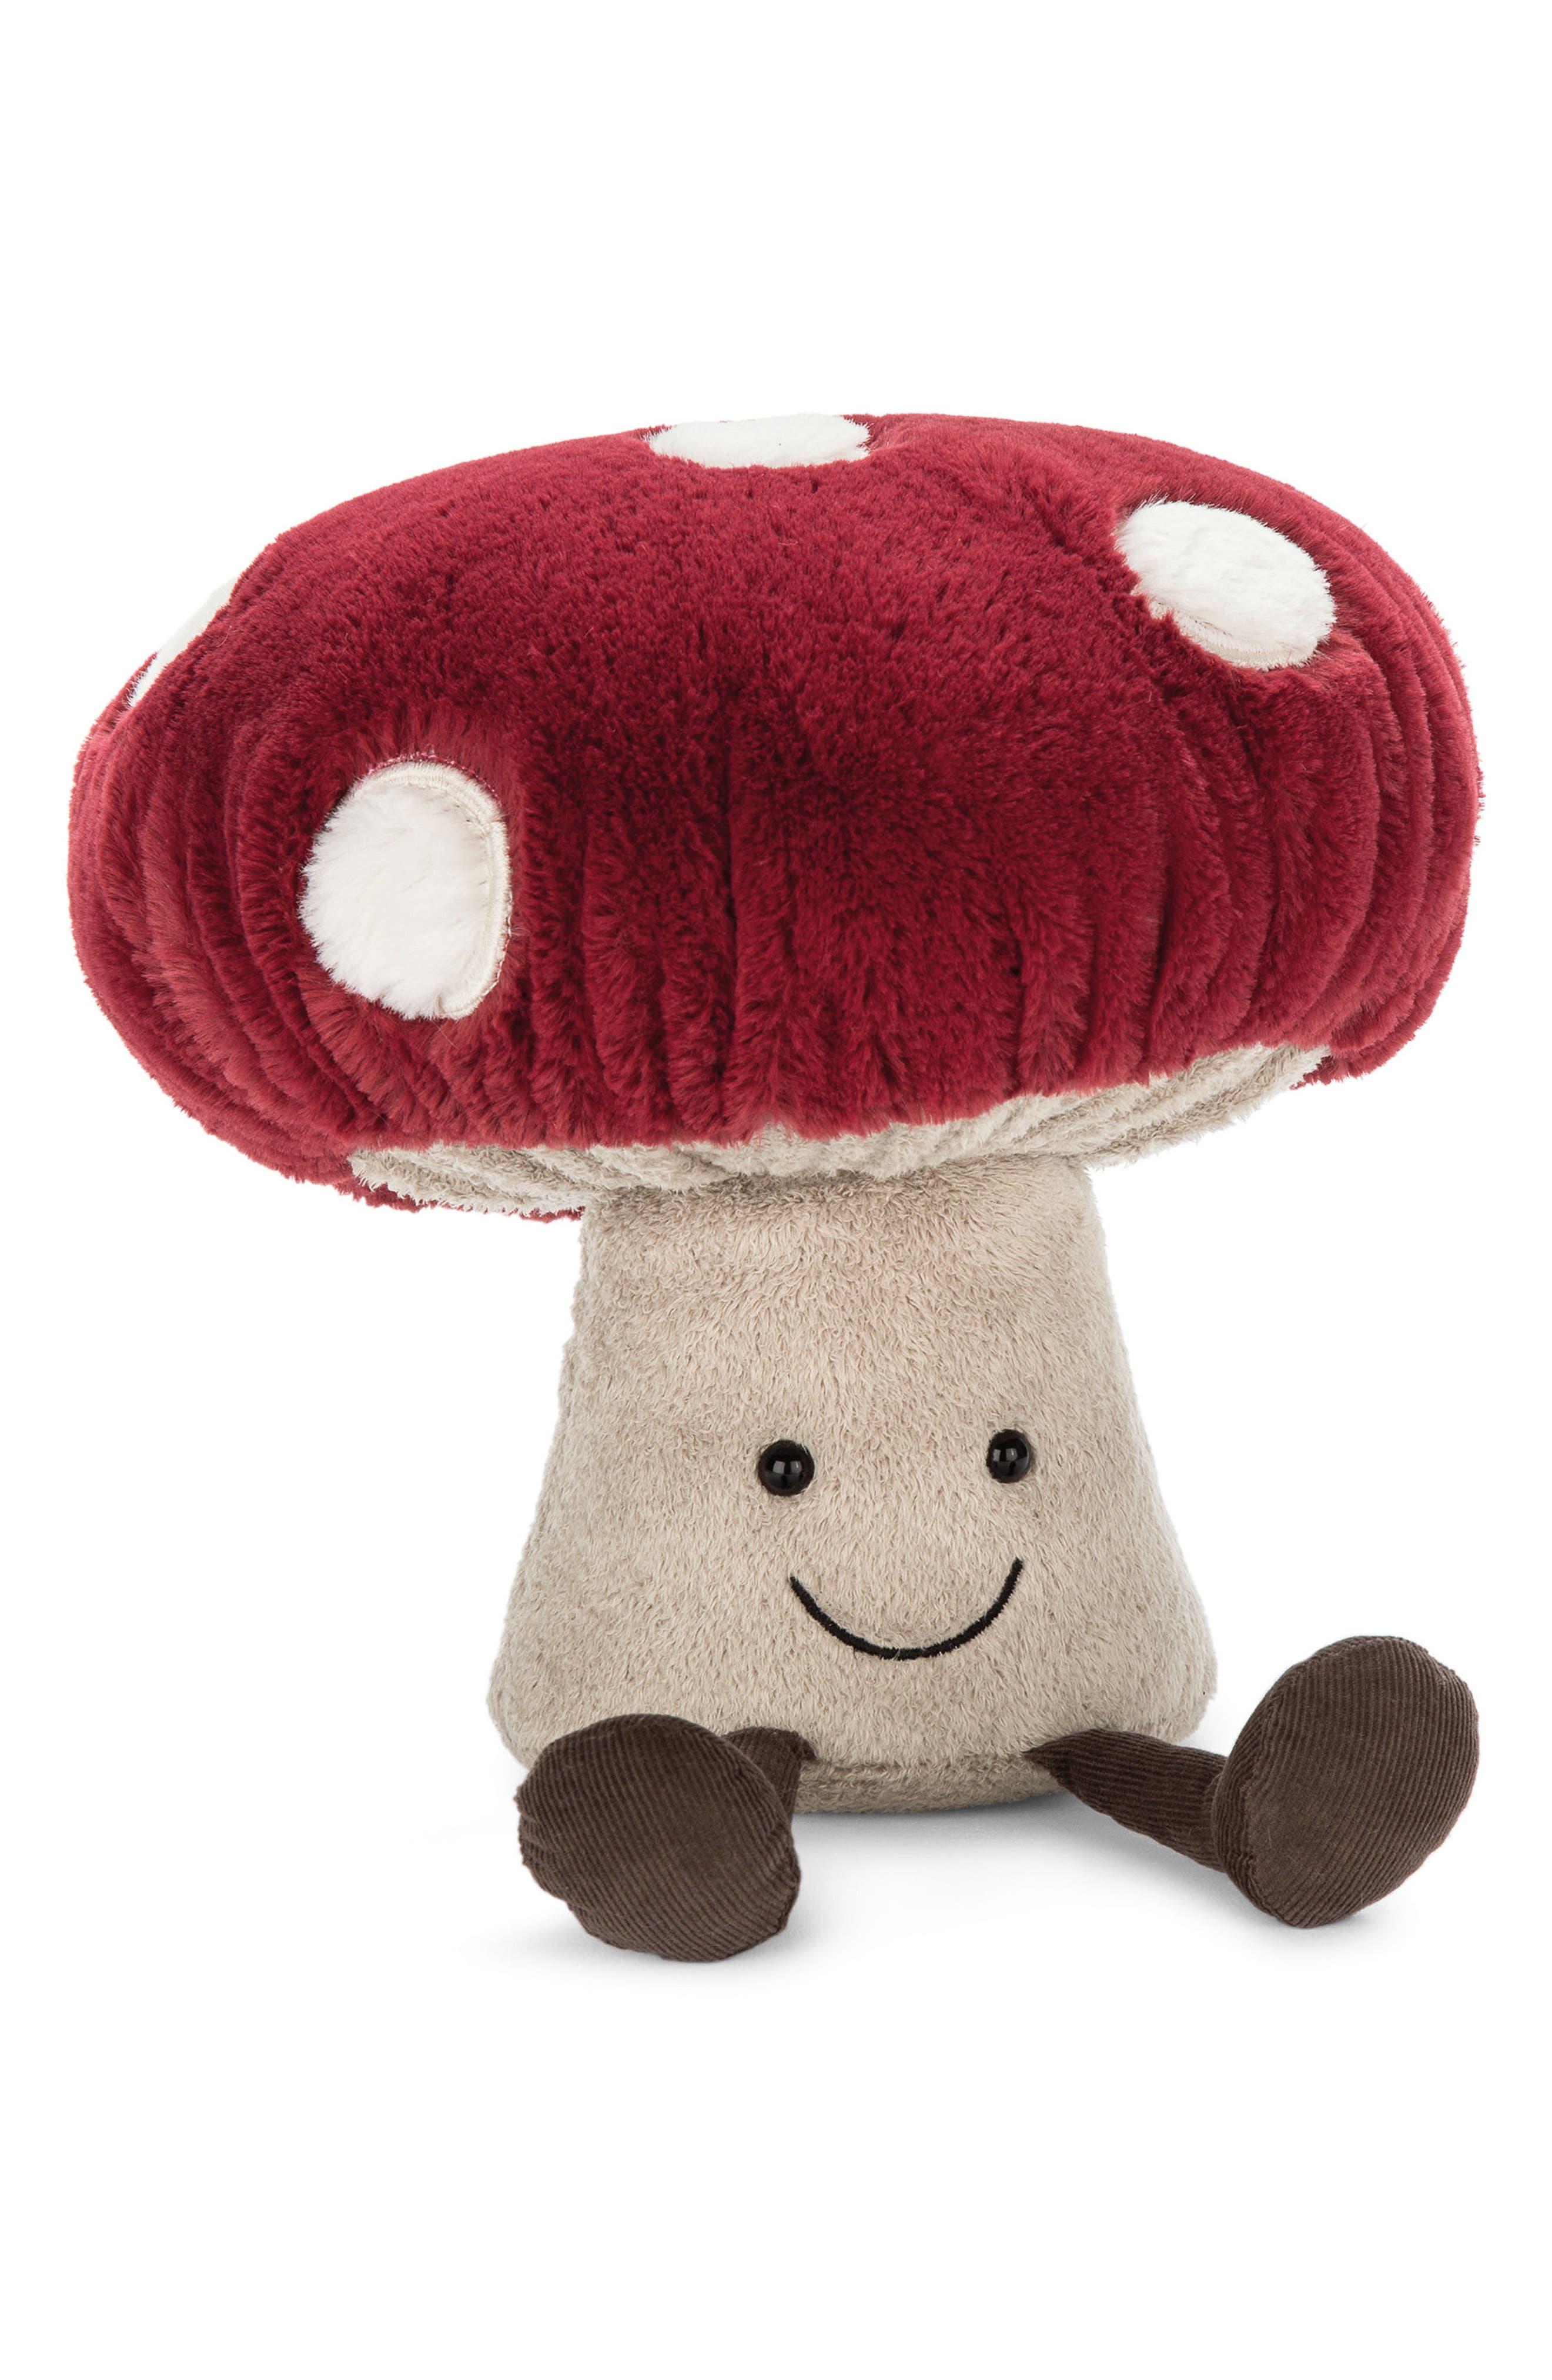 Amuseable Mushroom Plush Toy,                             Main thumbnail 1, color,                             600